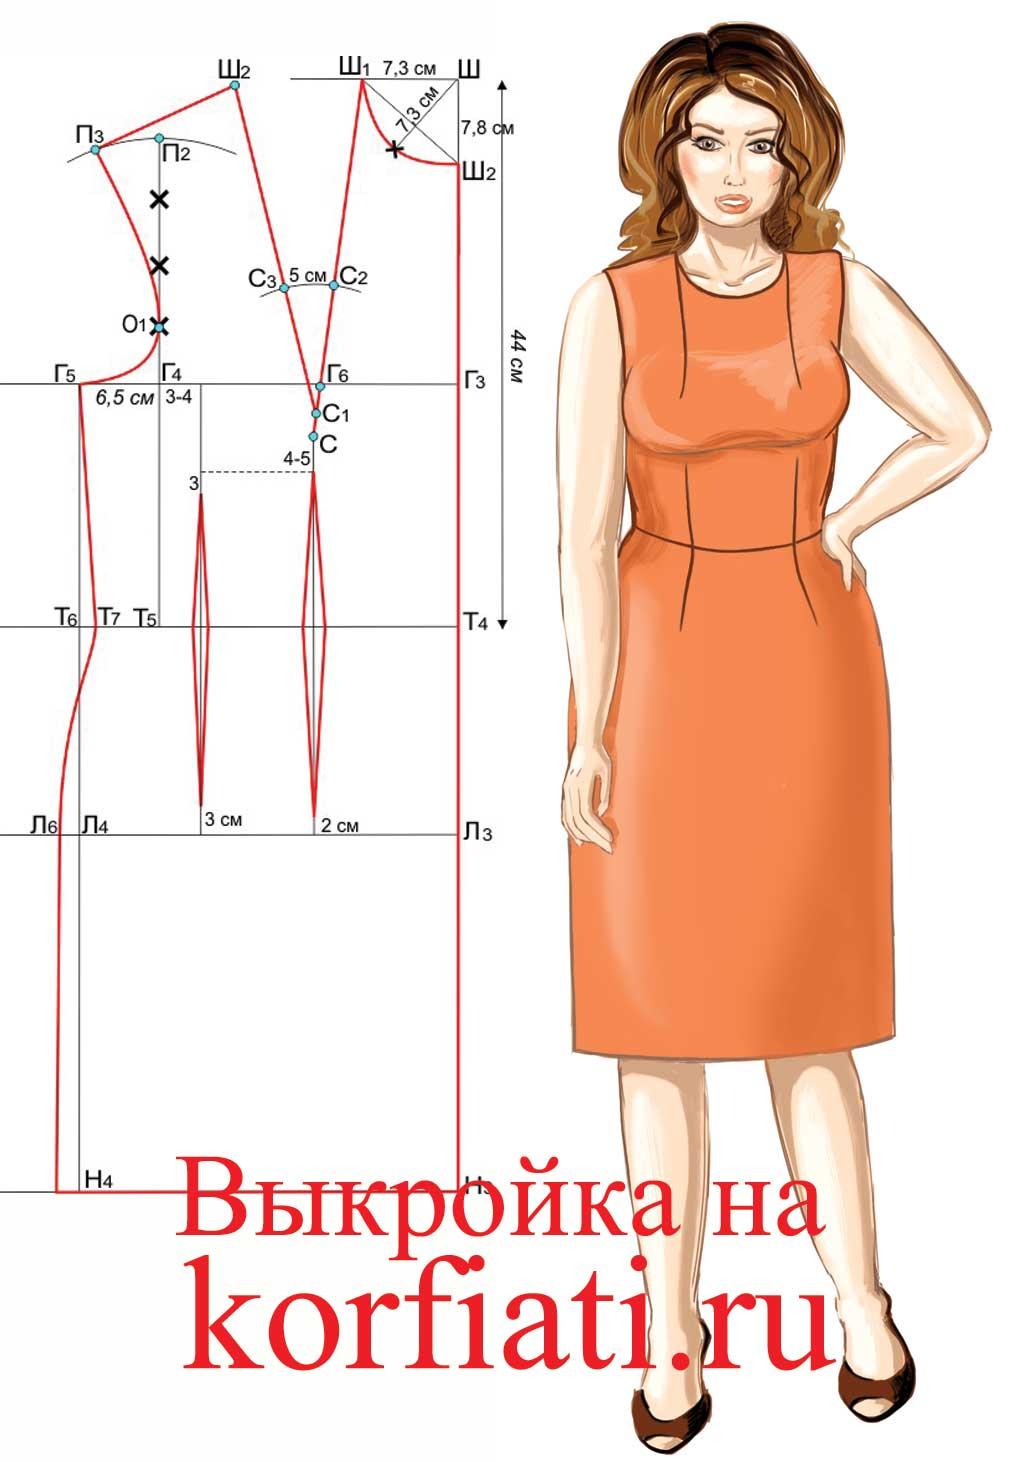 Выкройка платья прямого кроя для начинающих фото 881